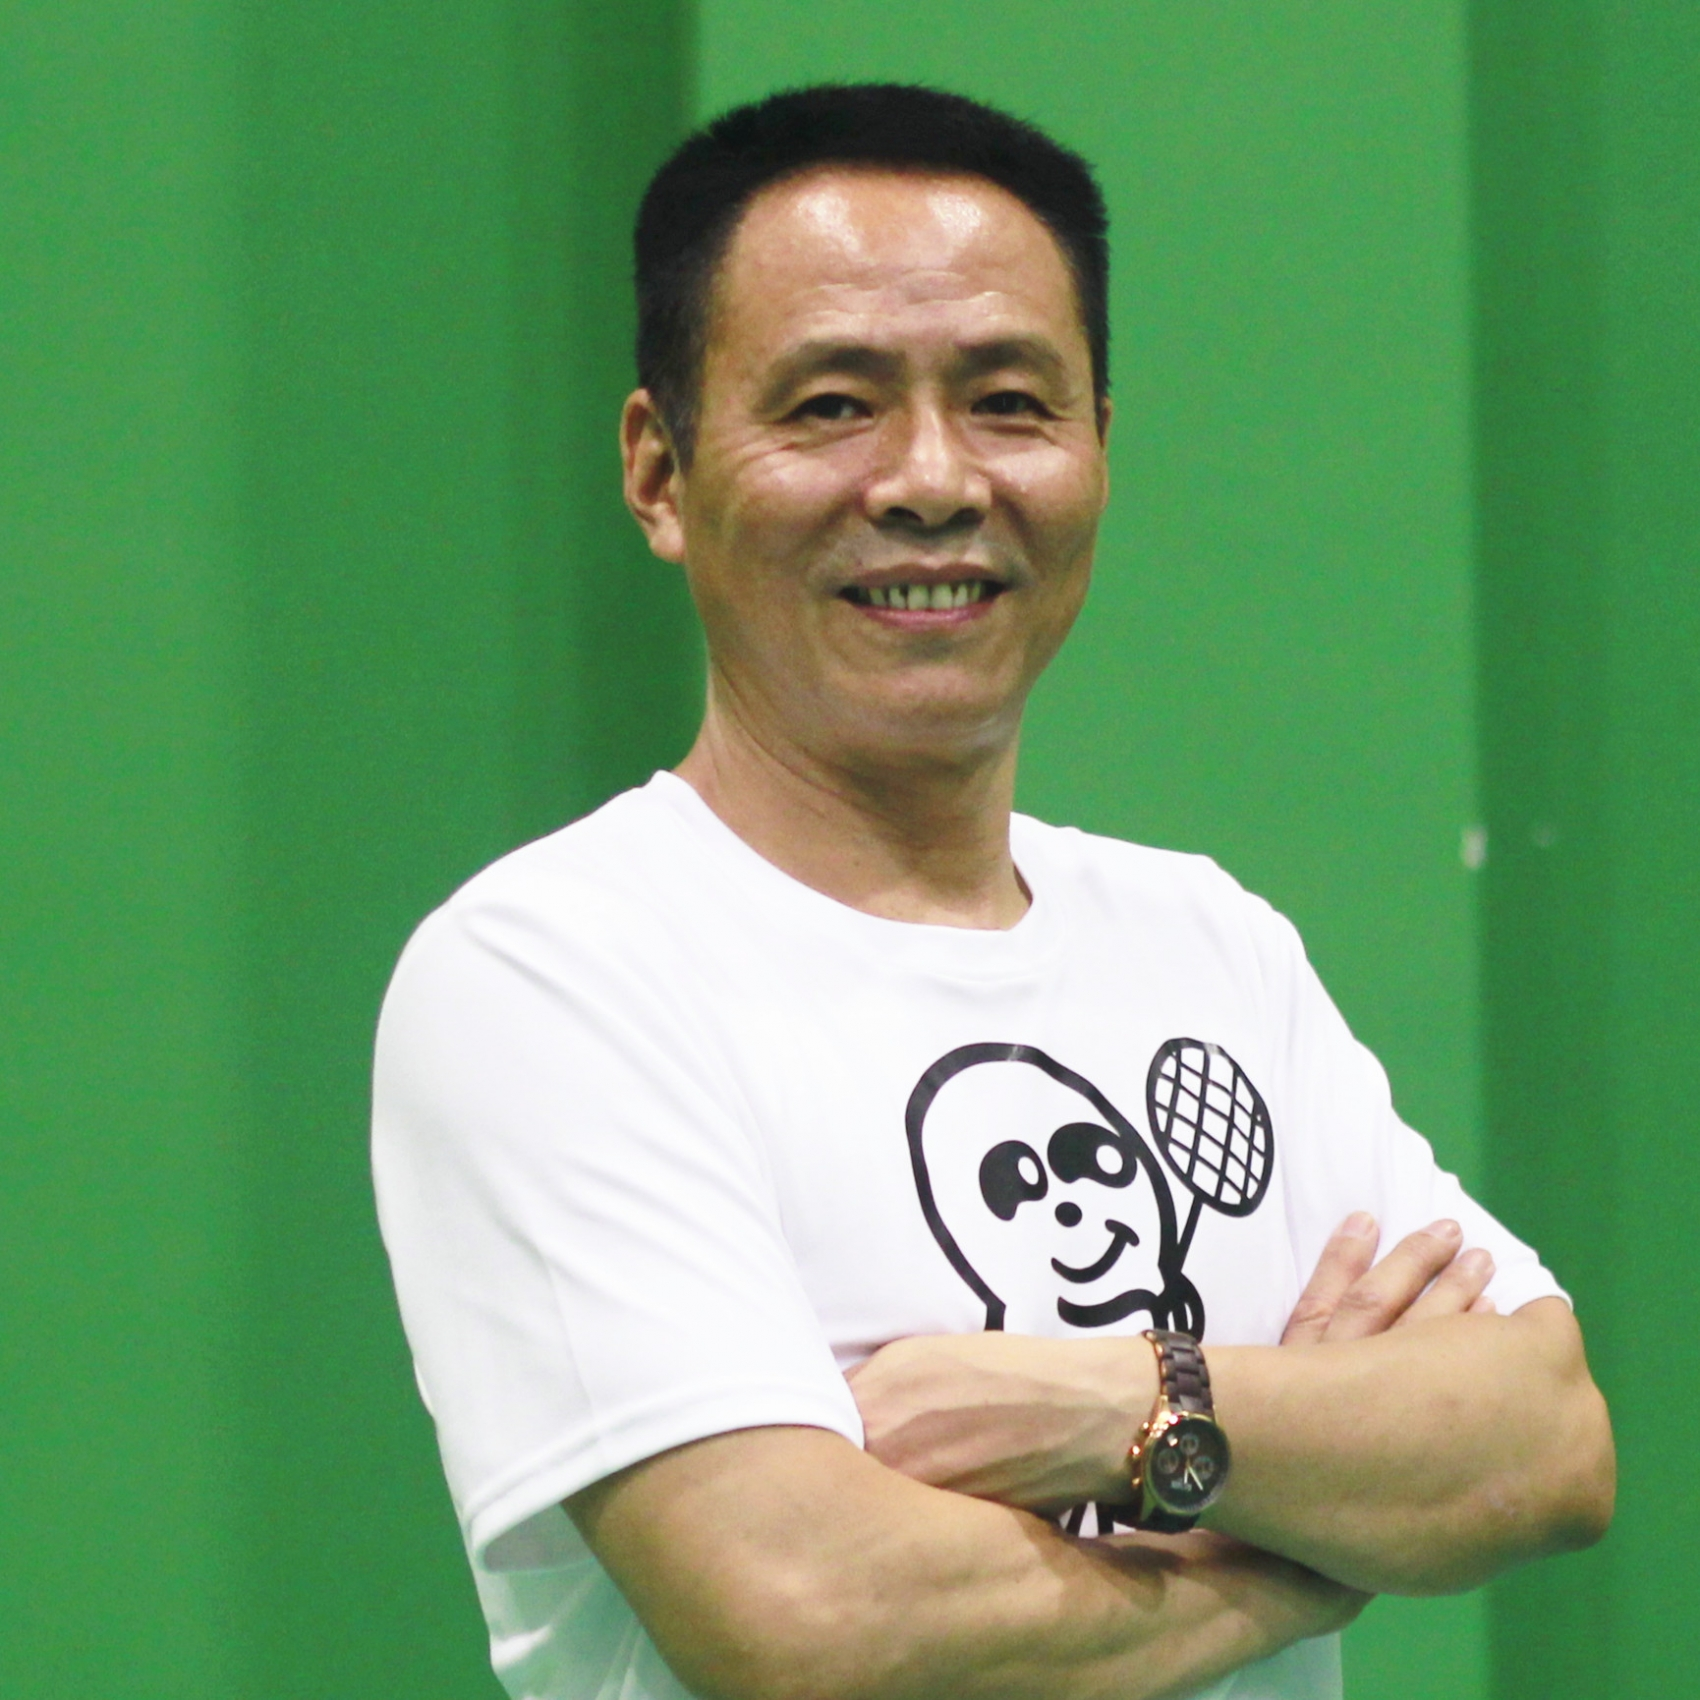 李士伟 Shi Wei Li